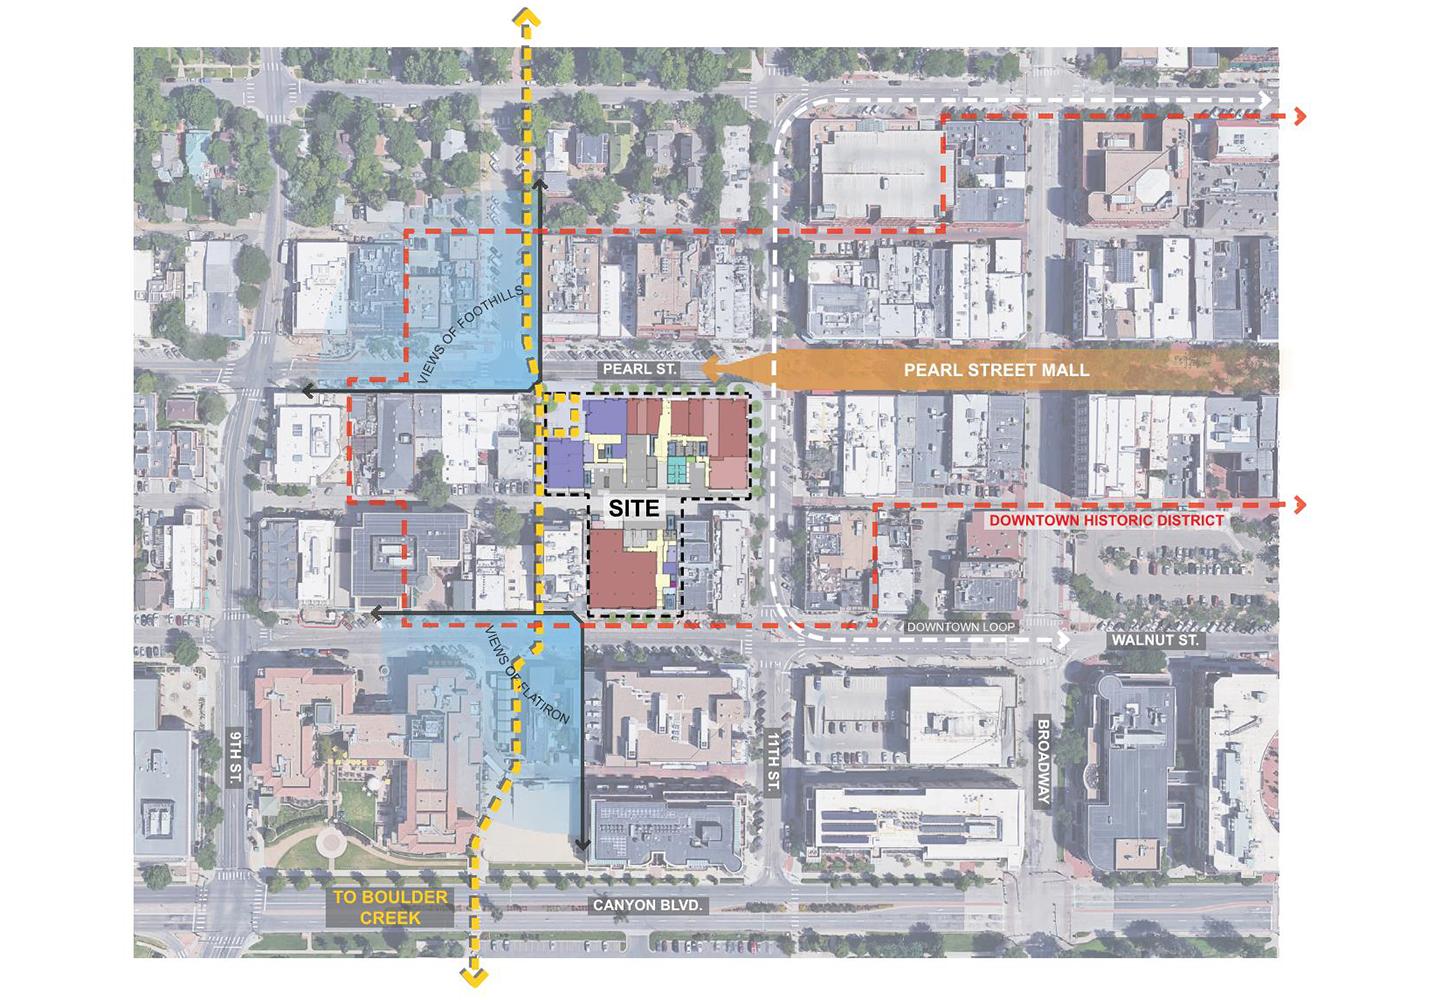 Pearlwest Site Plan